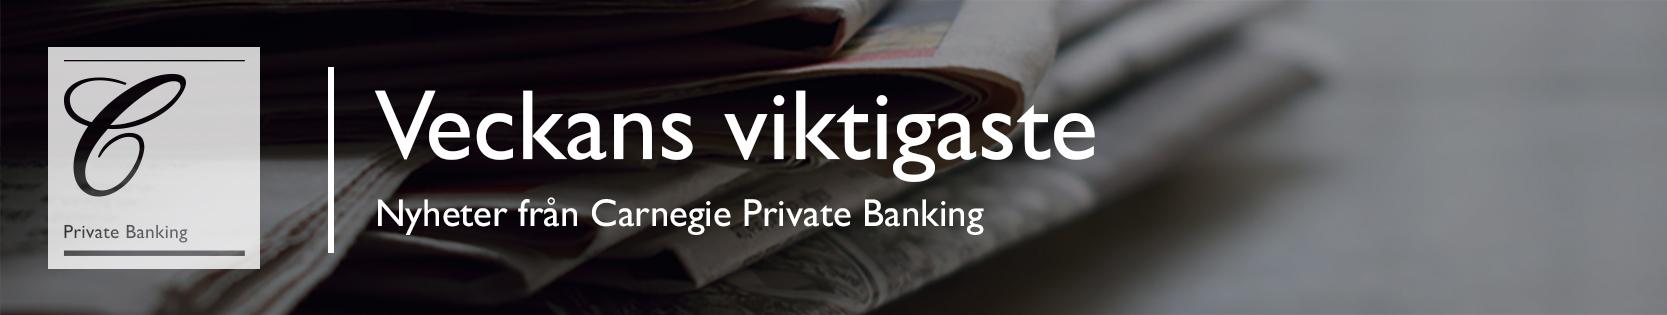 Veckans viktigaste Nyheter från Carnegie Private Banking